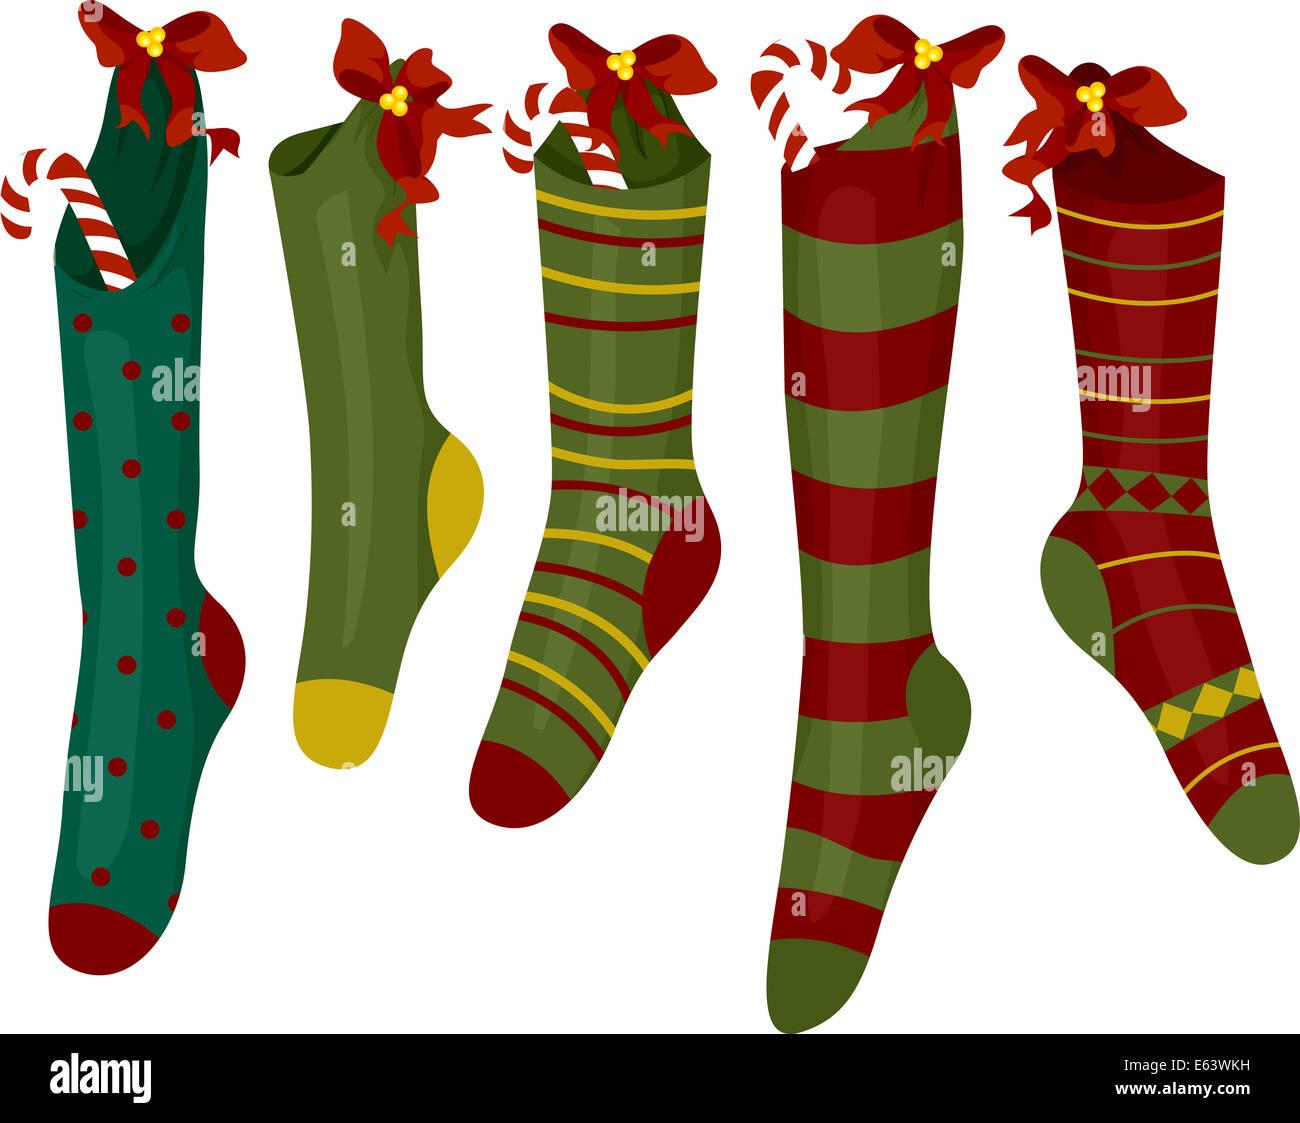 Clipart Weihnachtswunsch Für Weihnachten Stockfotos & Clipart ...